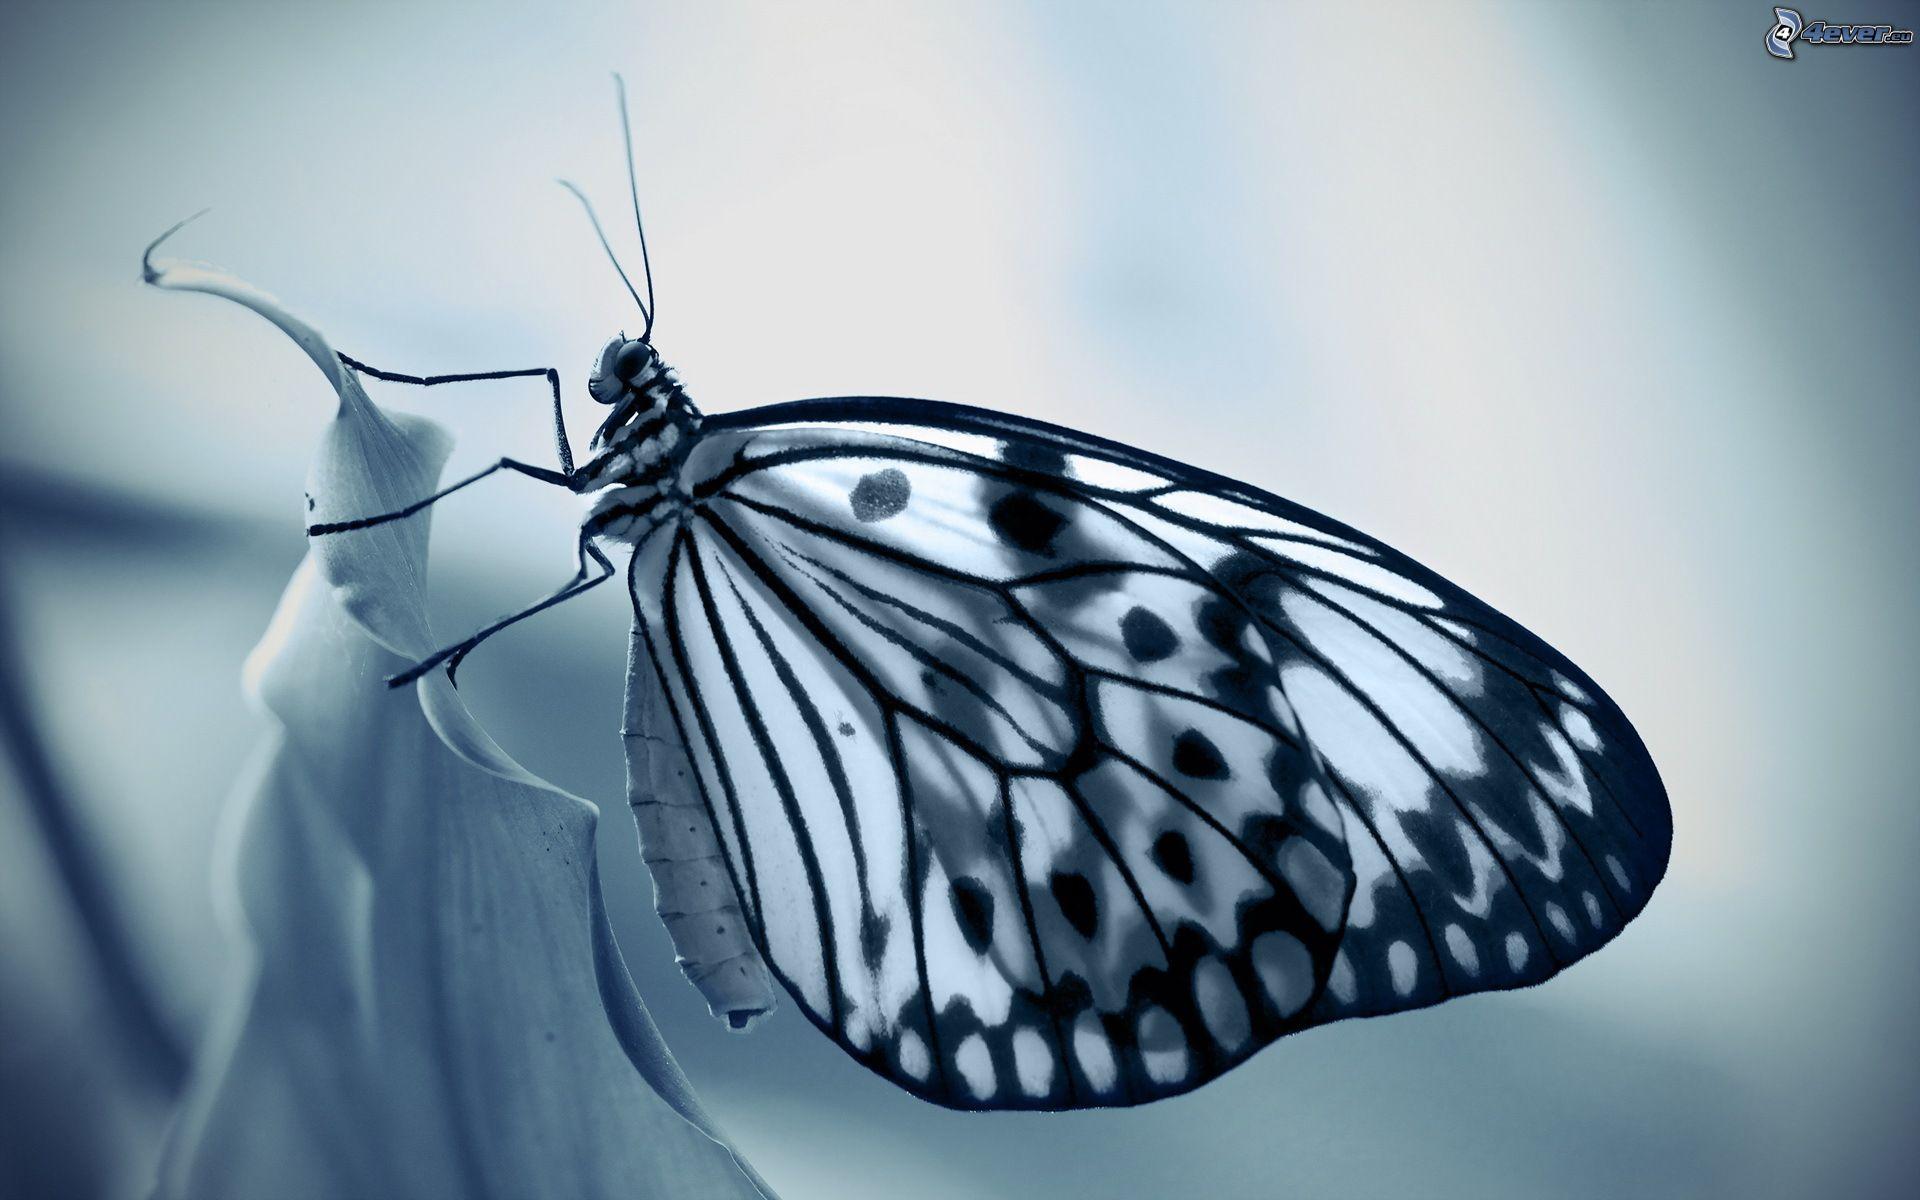 Farfalla for Foto hd bianco e nero